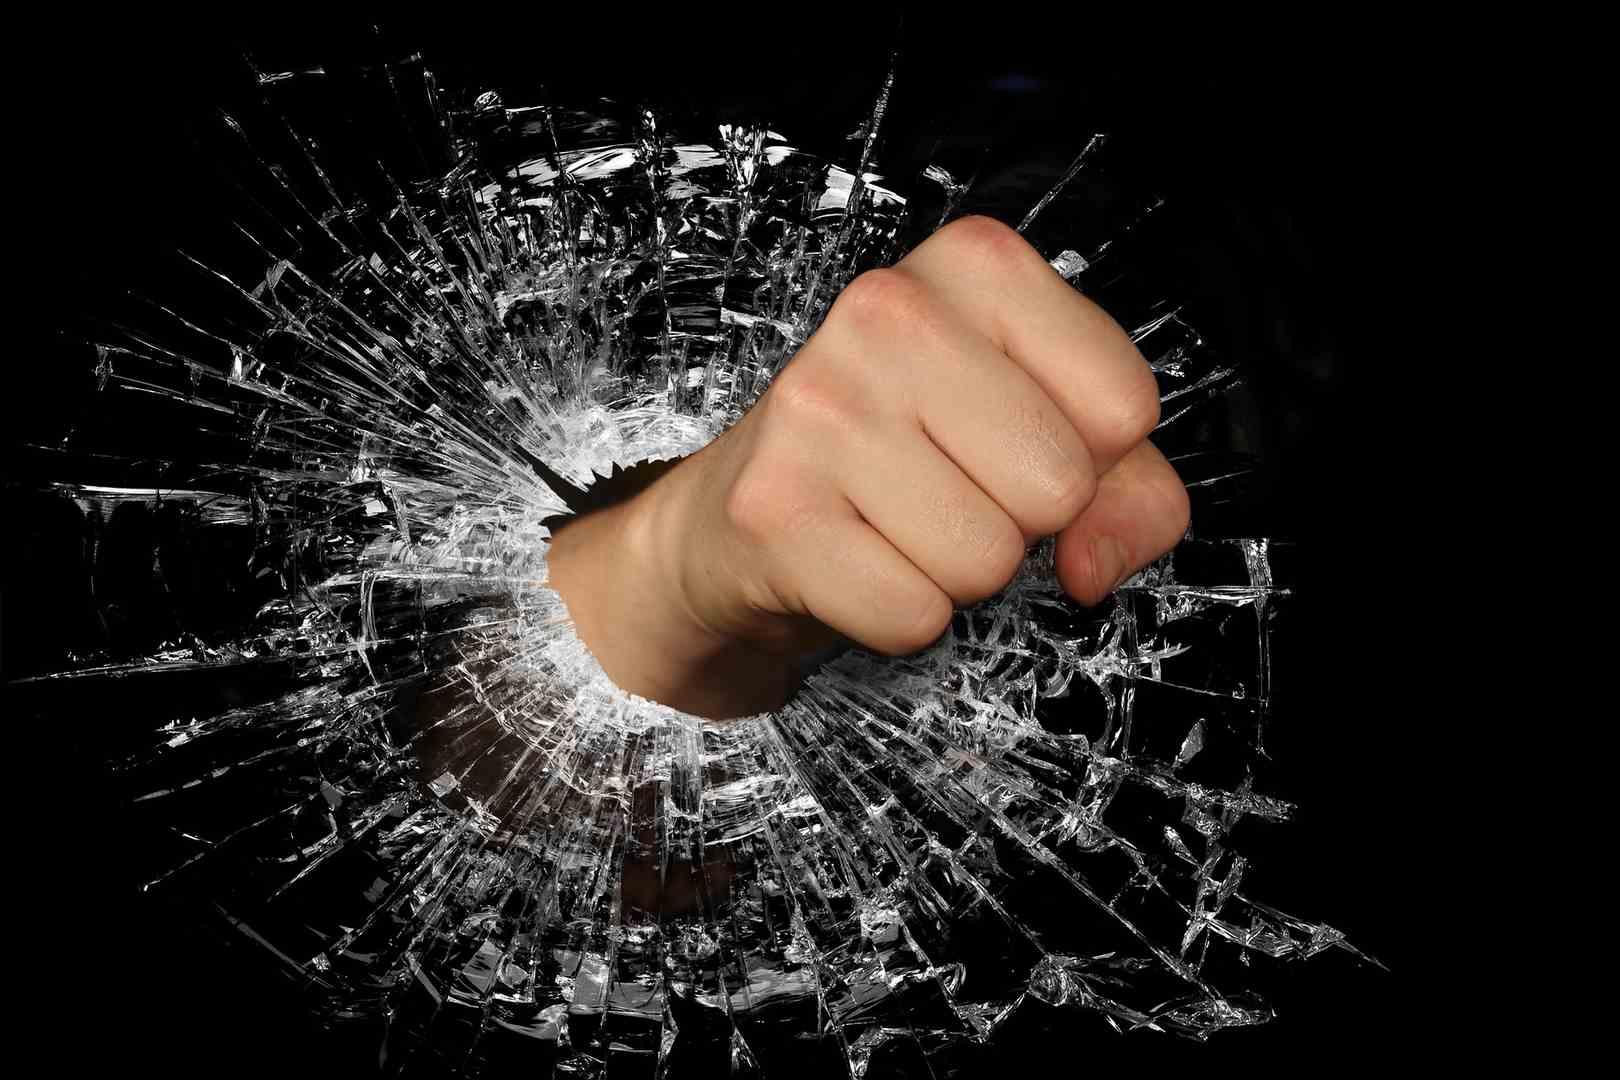 ako zvládat hněv